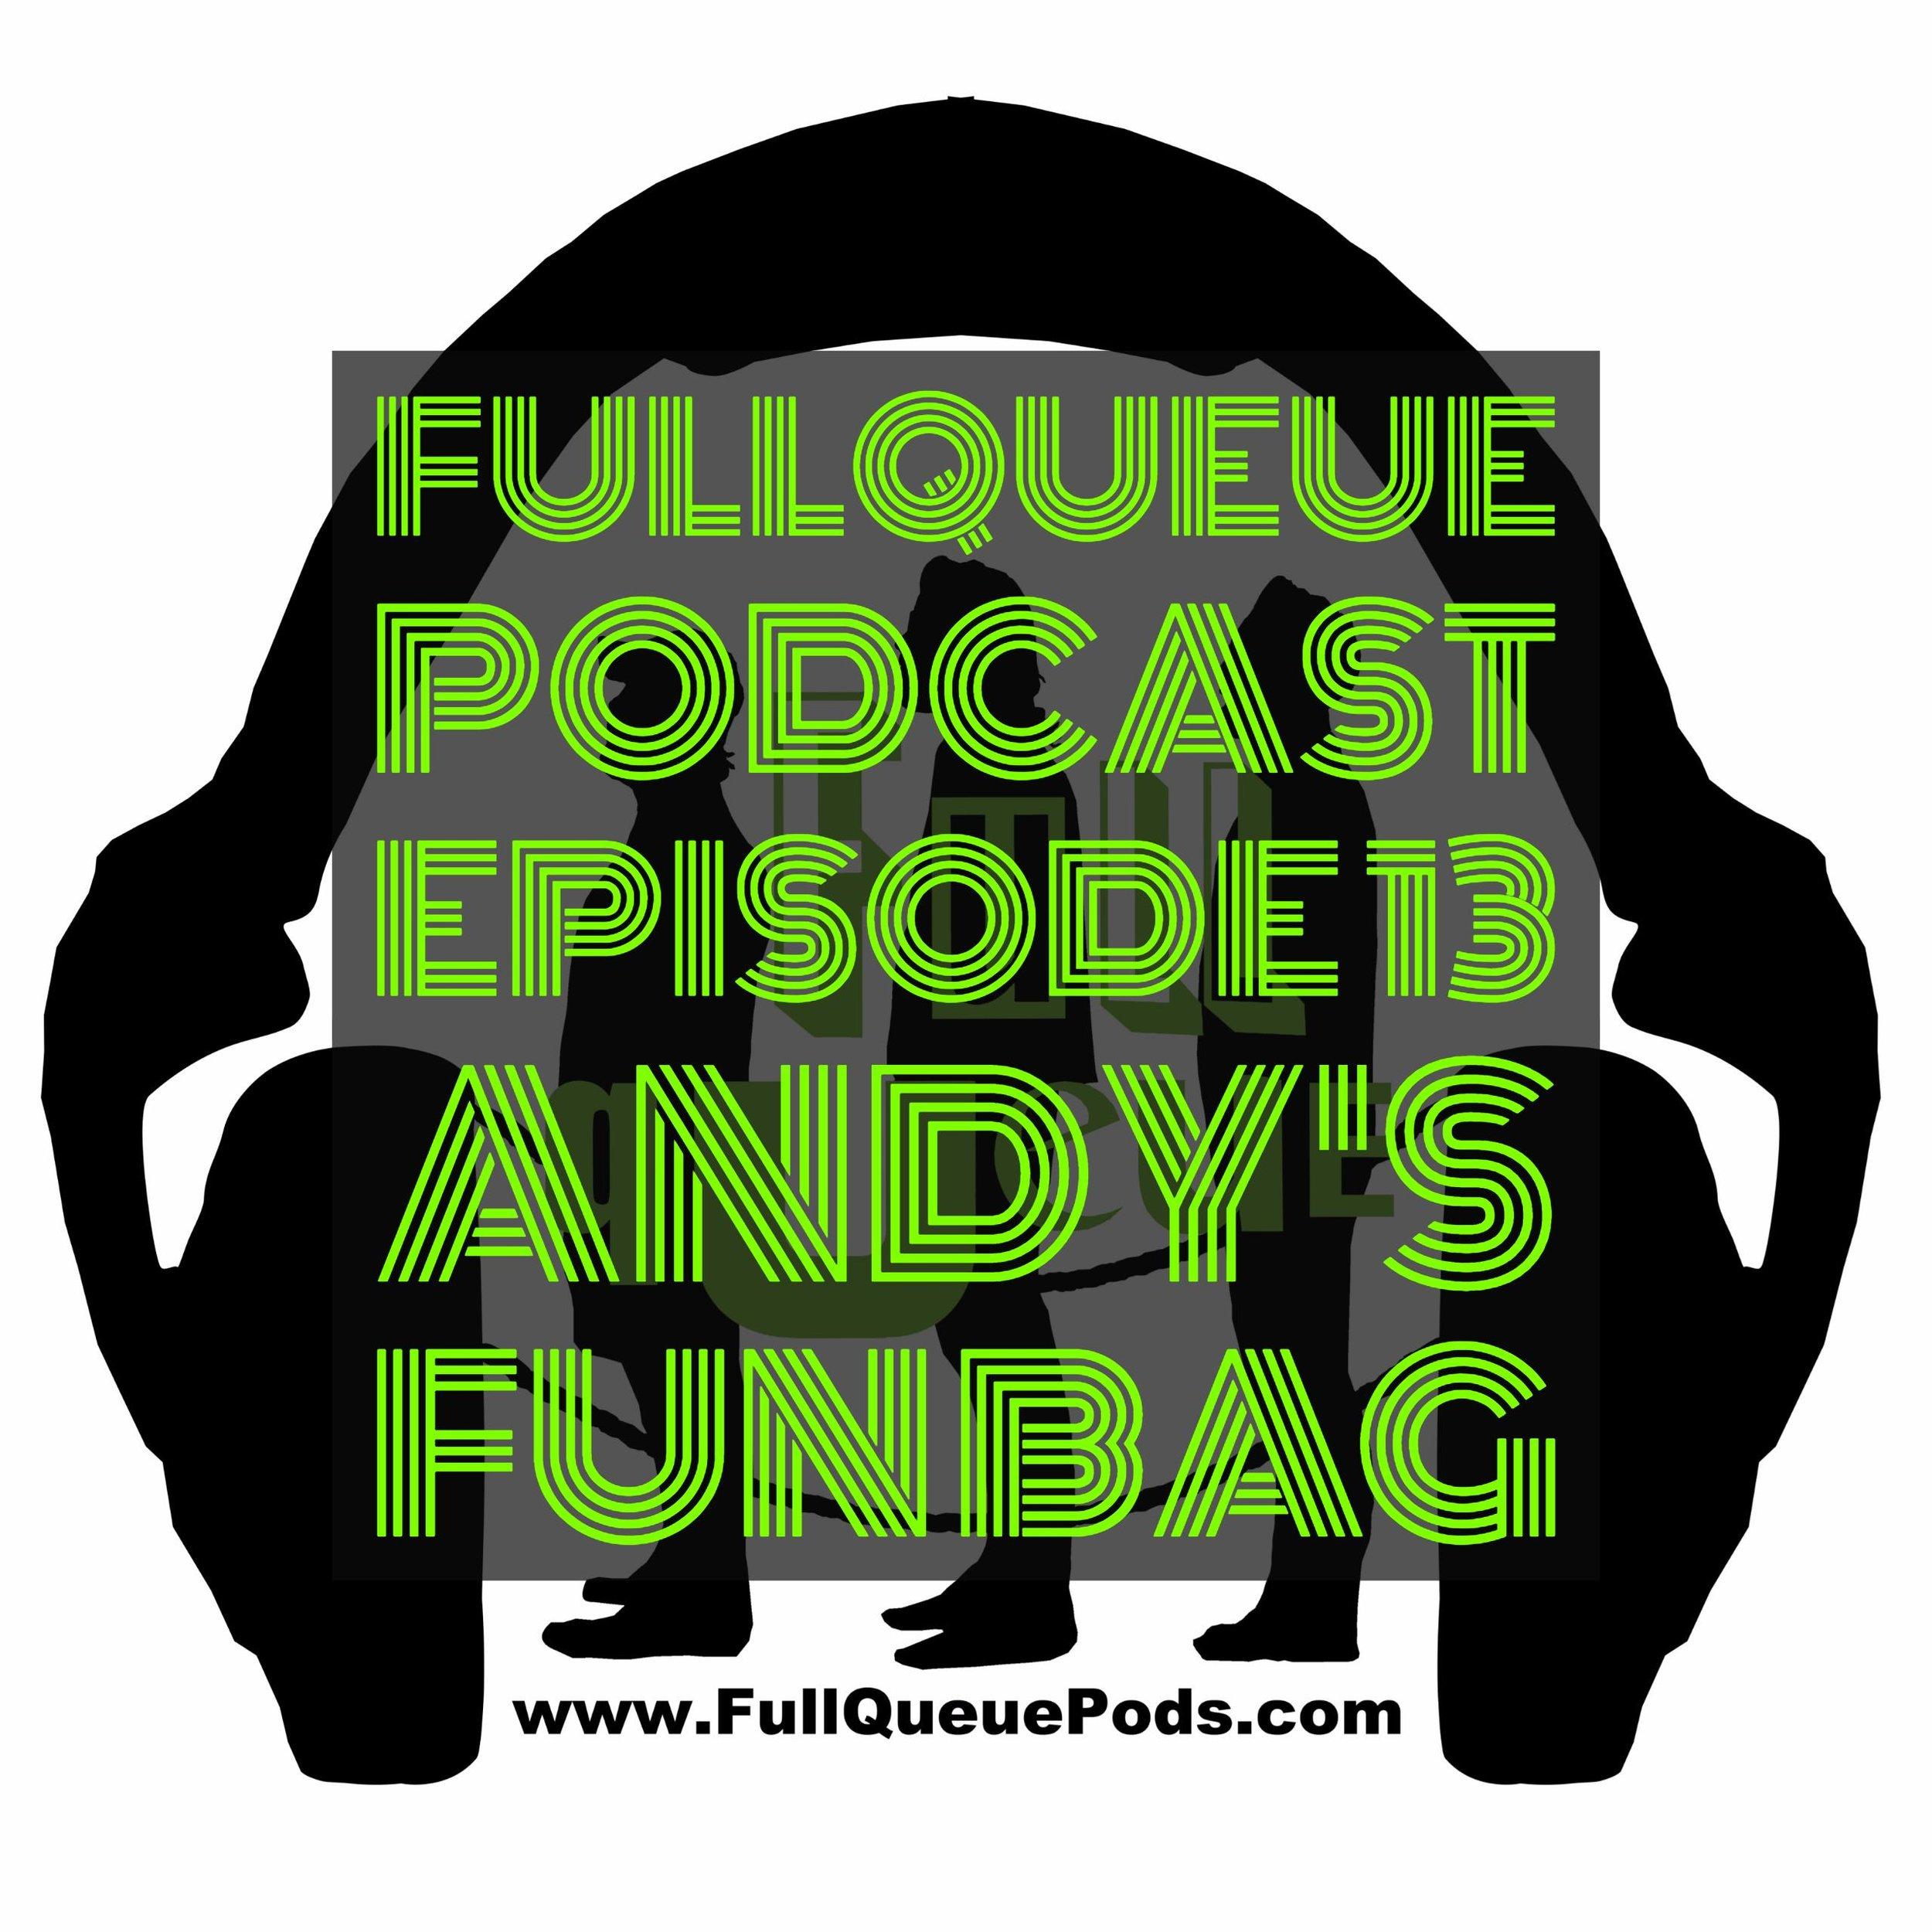 Full Queue Podcast Ep 13.jpg